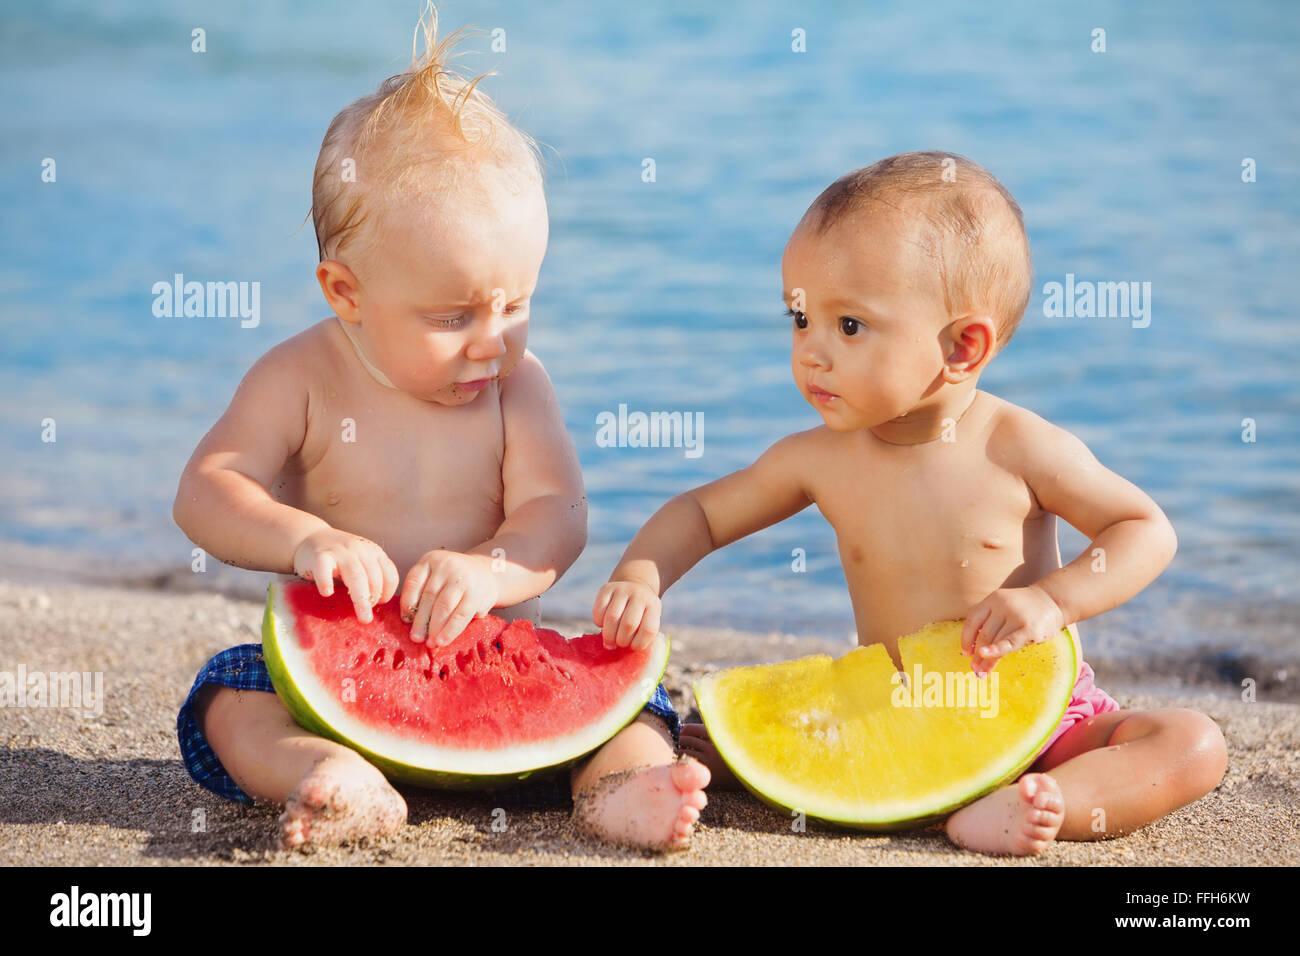 Après la baignade asian baby girl white boy ont un plaisir et de manger des fruits frais sur la plage de sable. Photo Stock